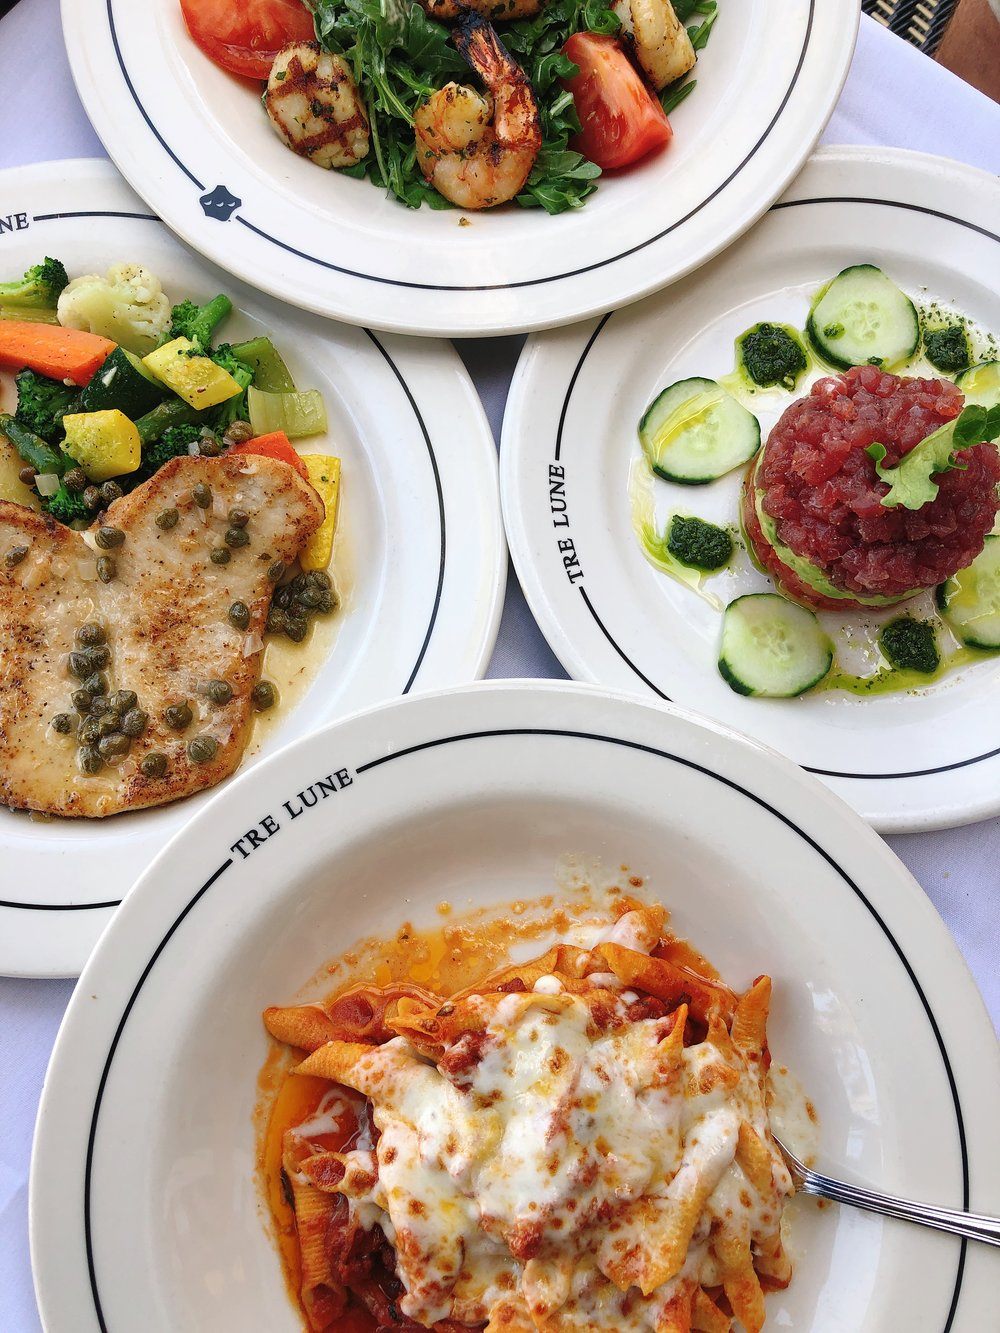 italian food tre lune montecito california